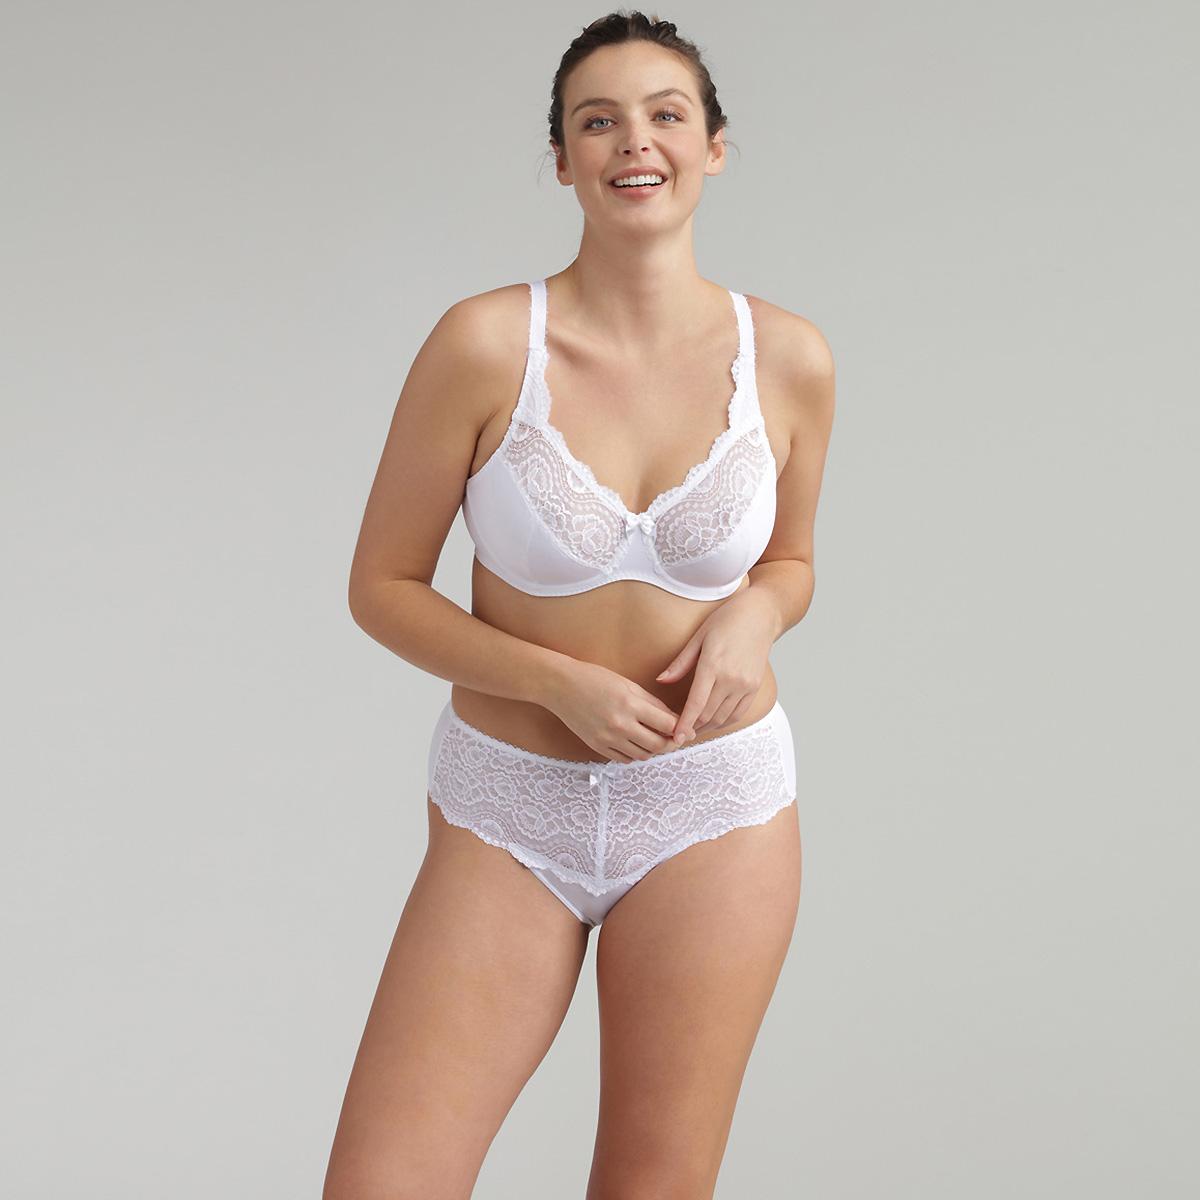 Full Cup Bra in White - Flower Elegance Micro, , PLAYTEX